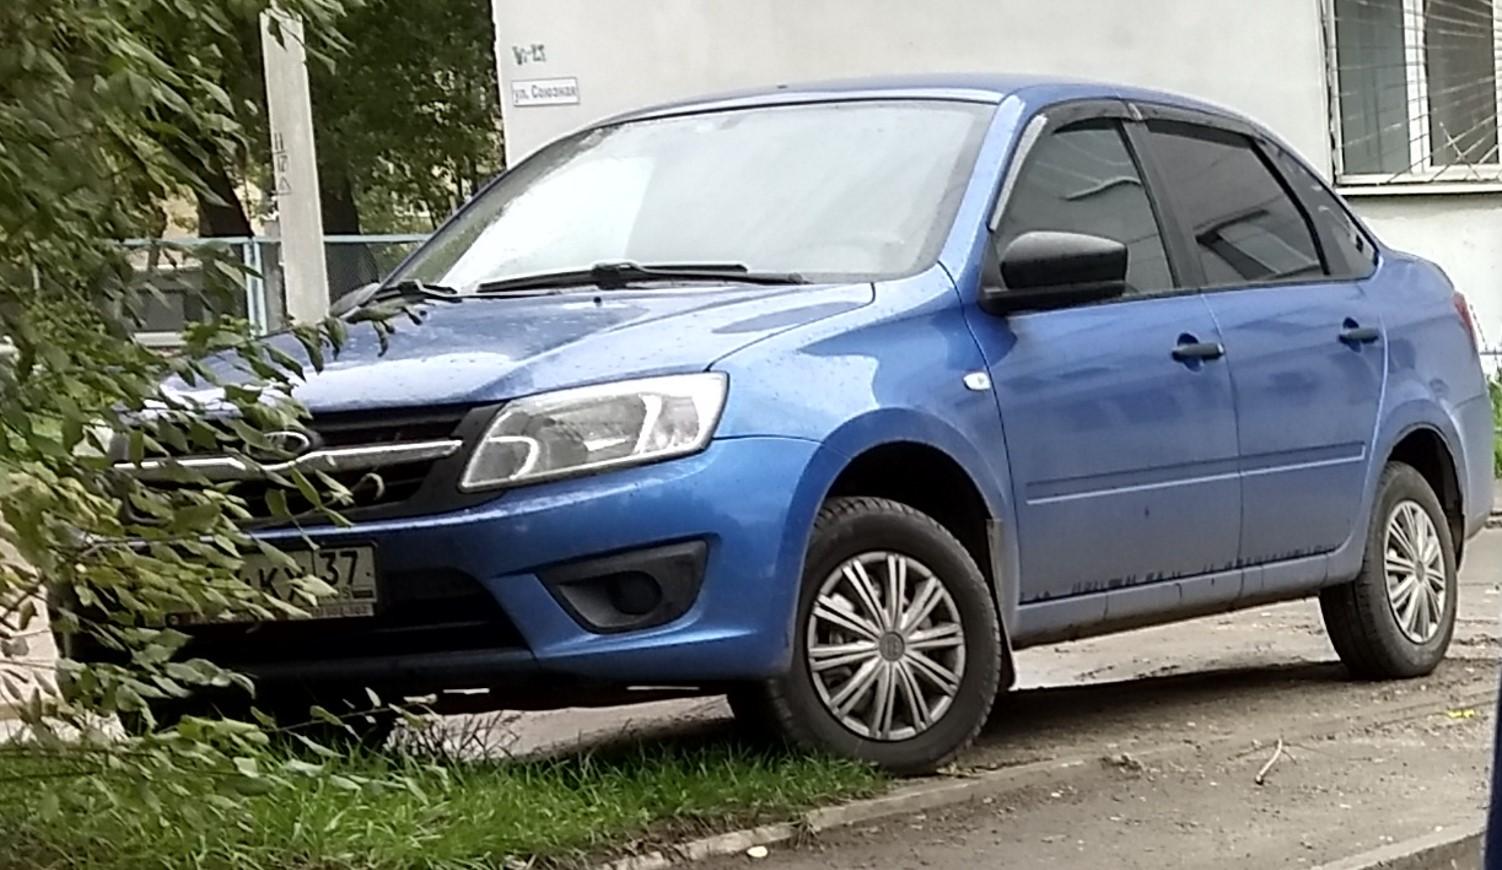 «CarsWeek» перечислил 5 самых дешевых новых автомобилей в России в сентябре 2021 года